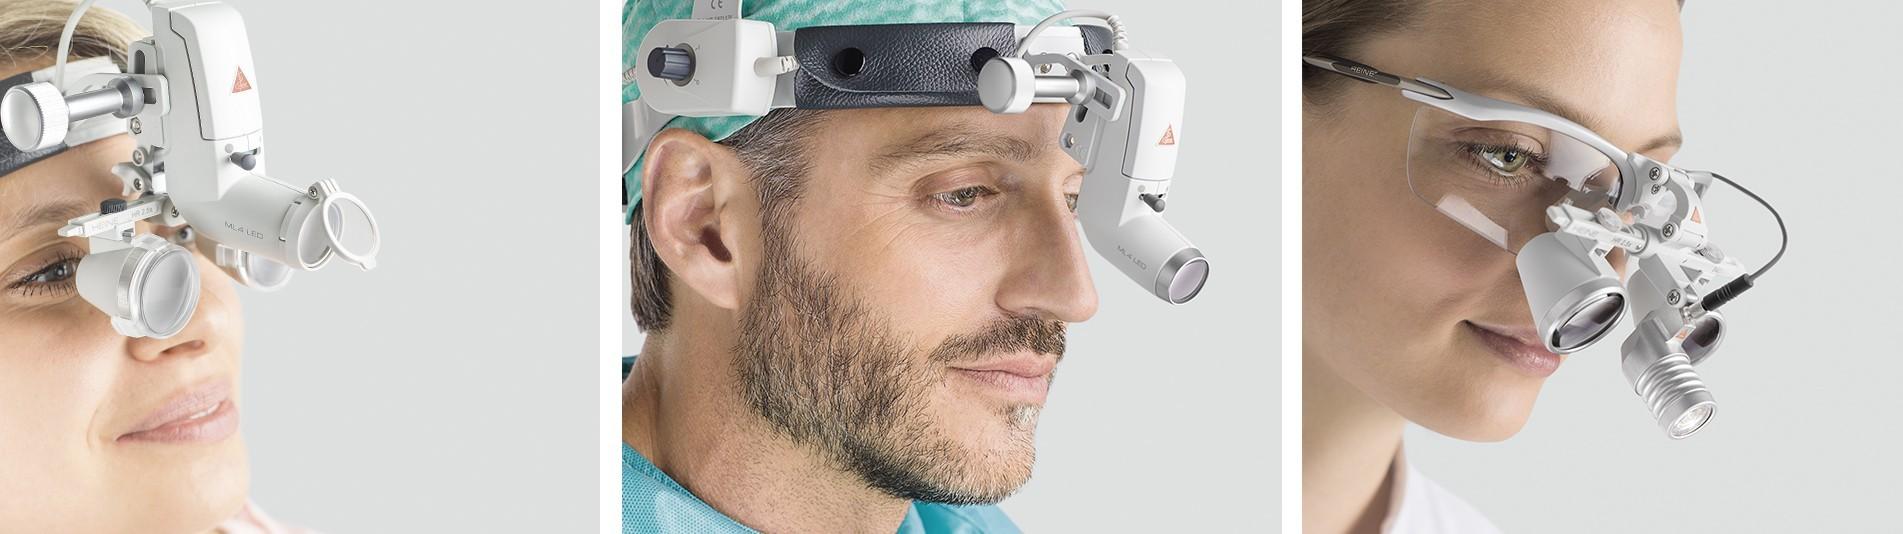 Medizinische Binokularlupen und Kopfleuchten